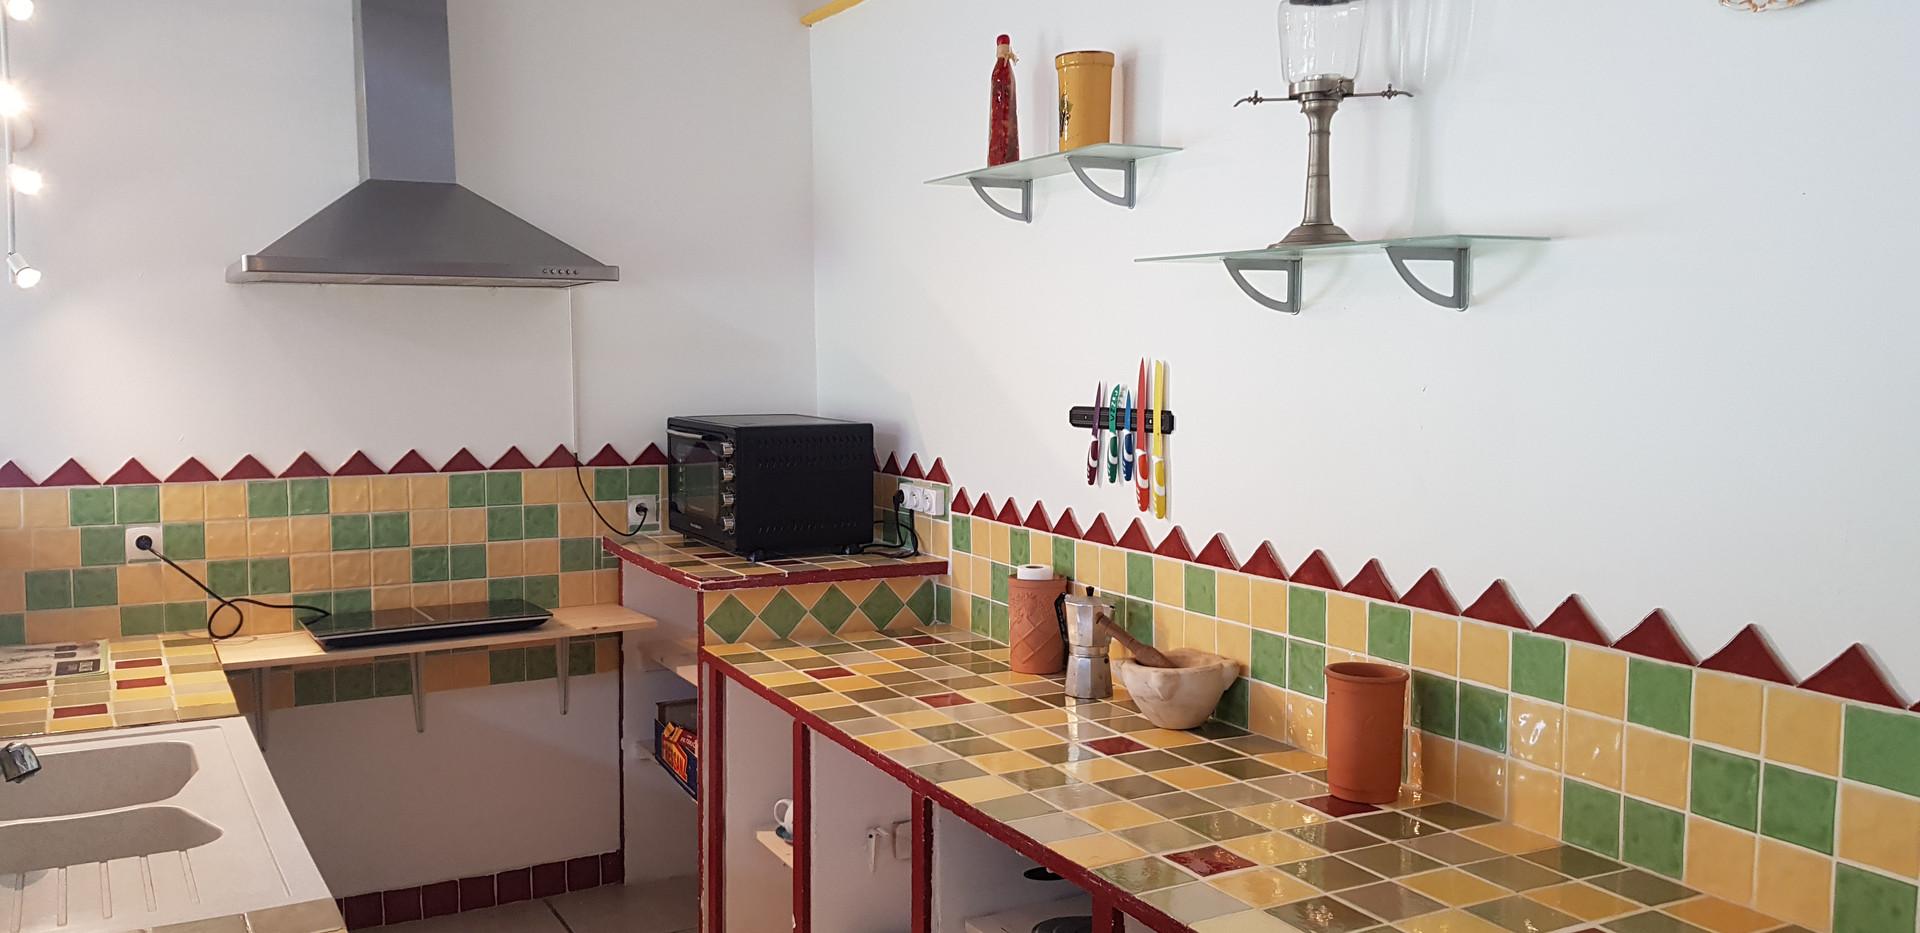 cuisine1.jpg